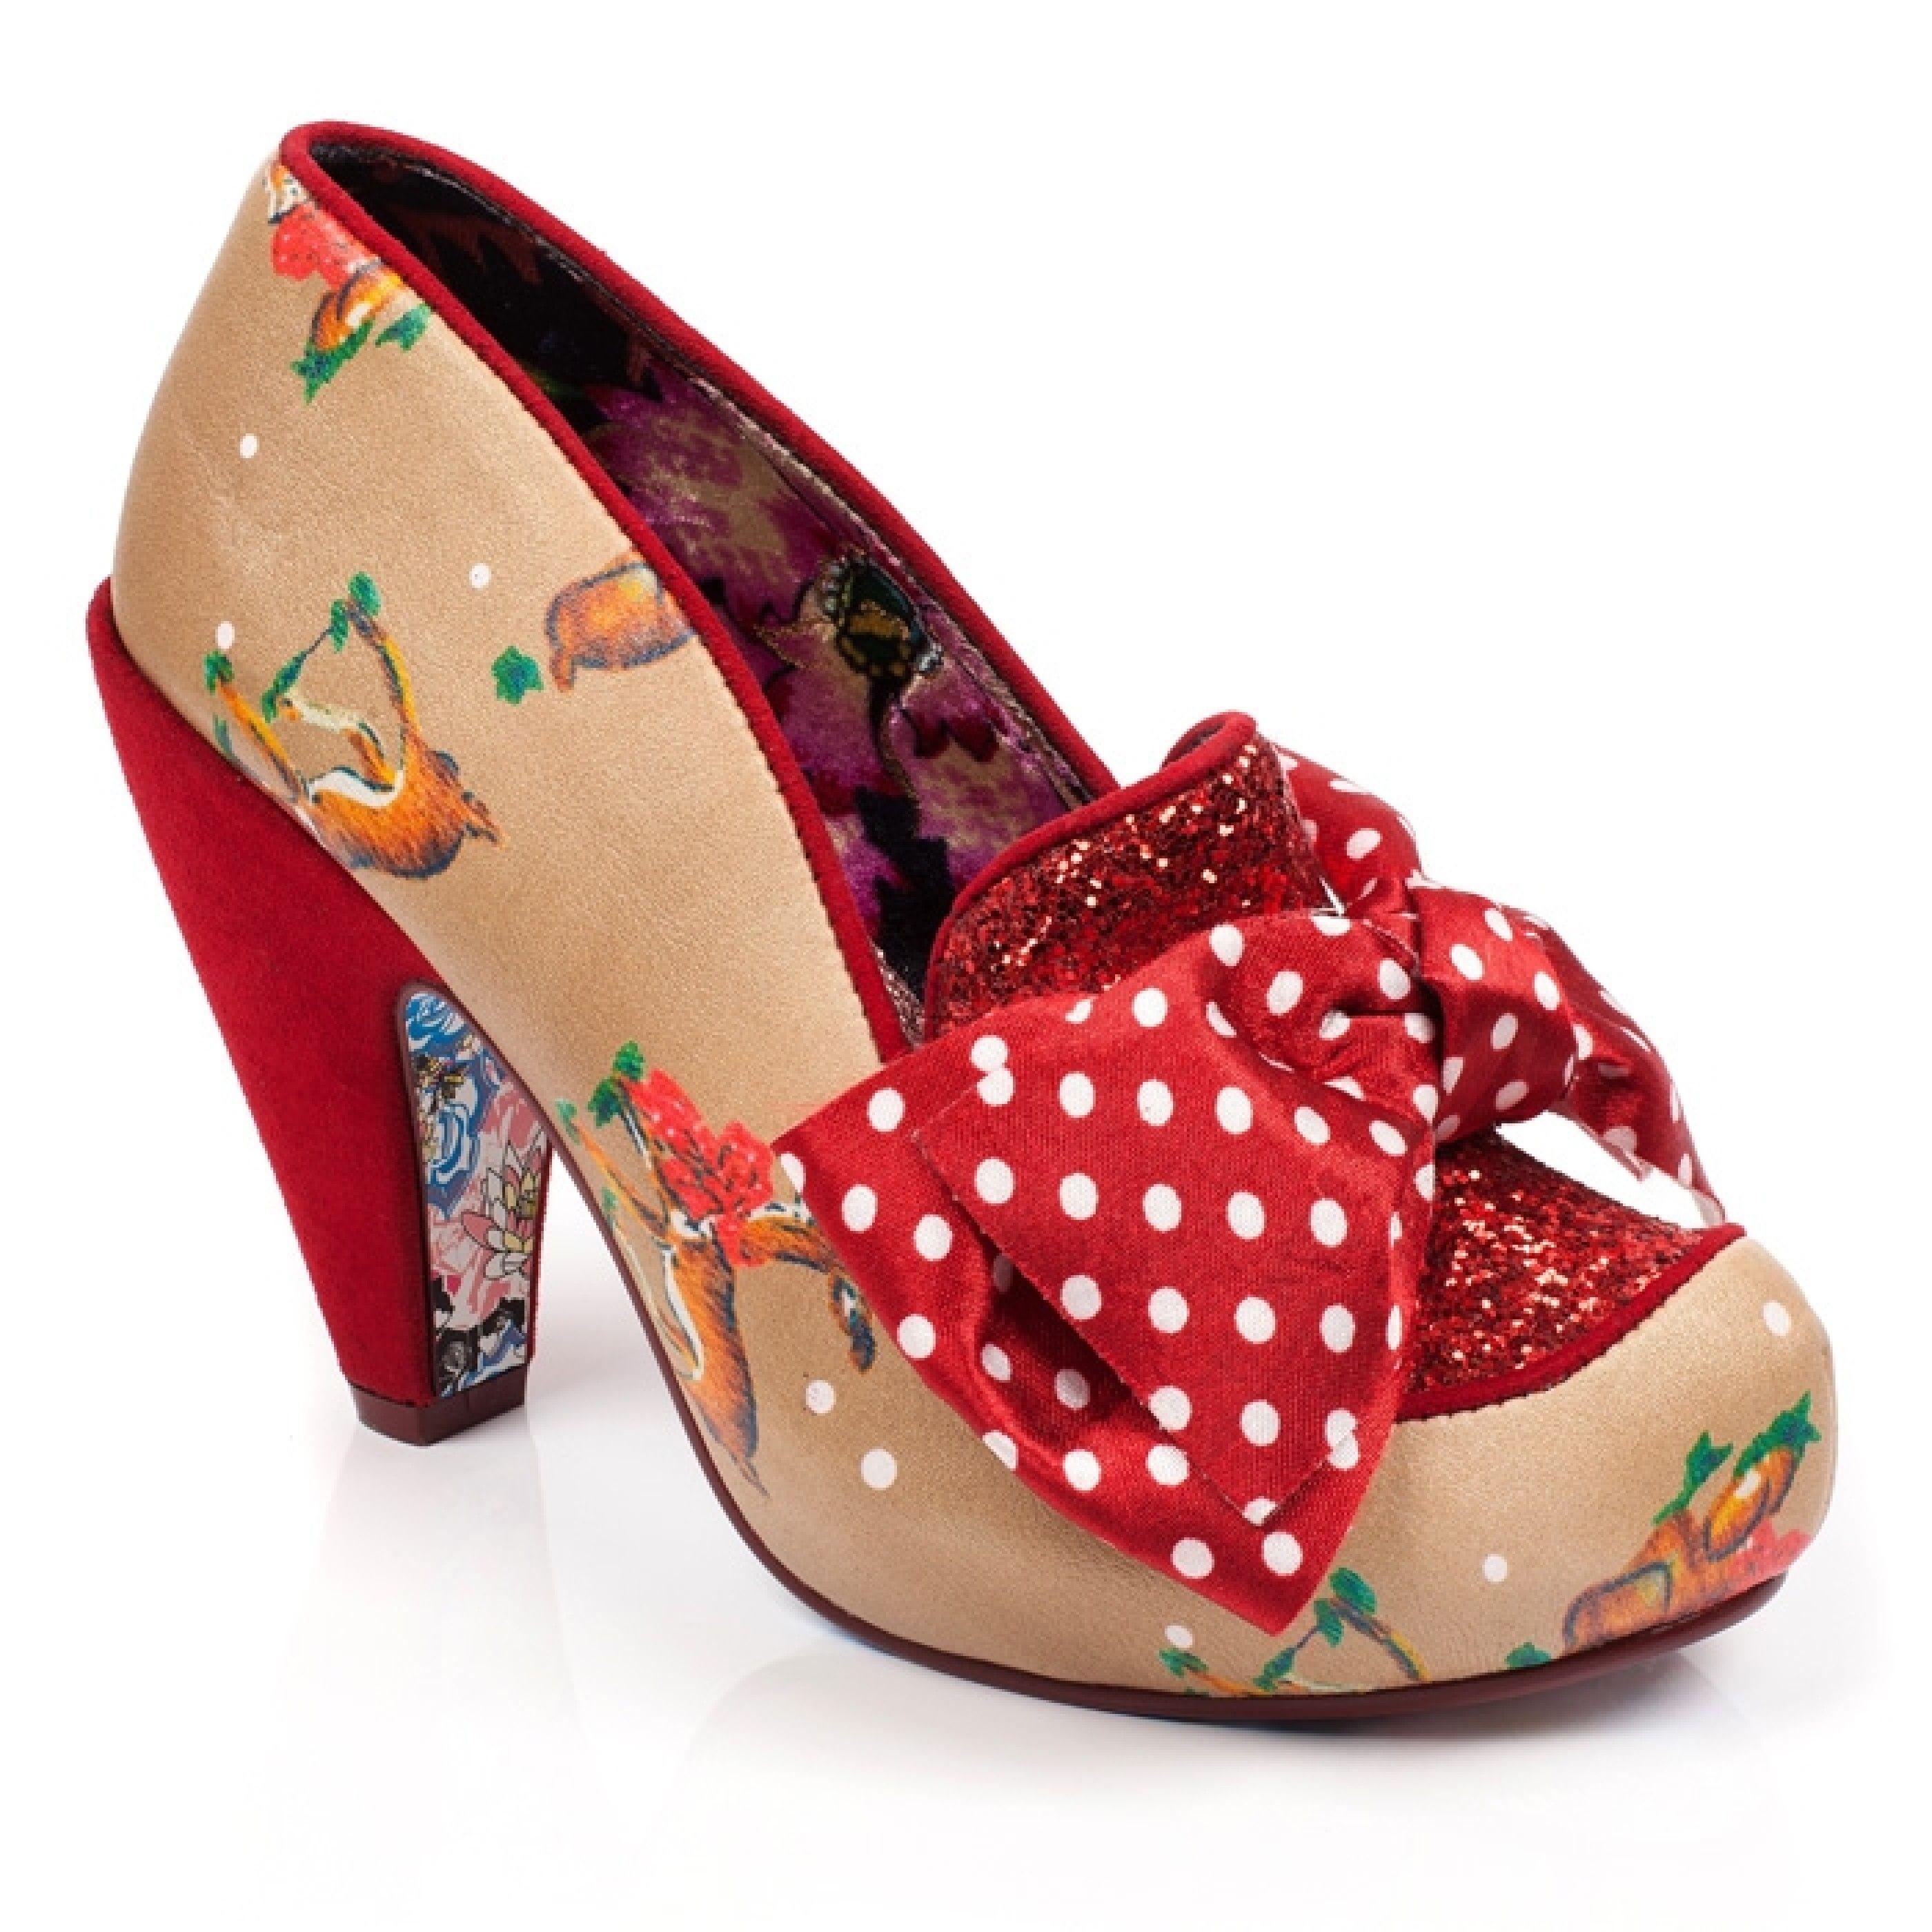 e Love Fairy Tales shoes Pinterest